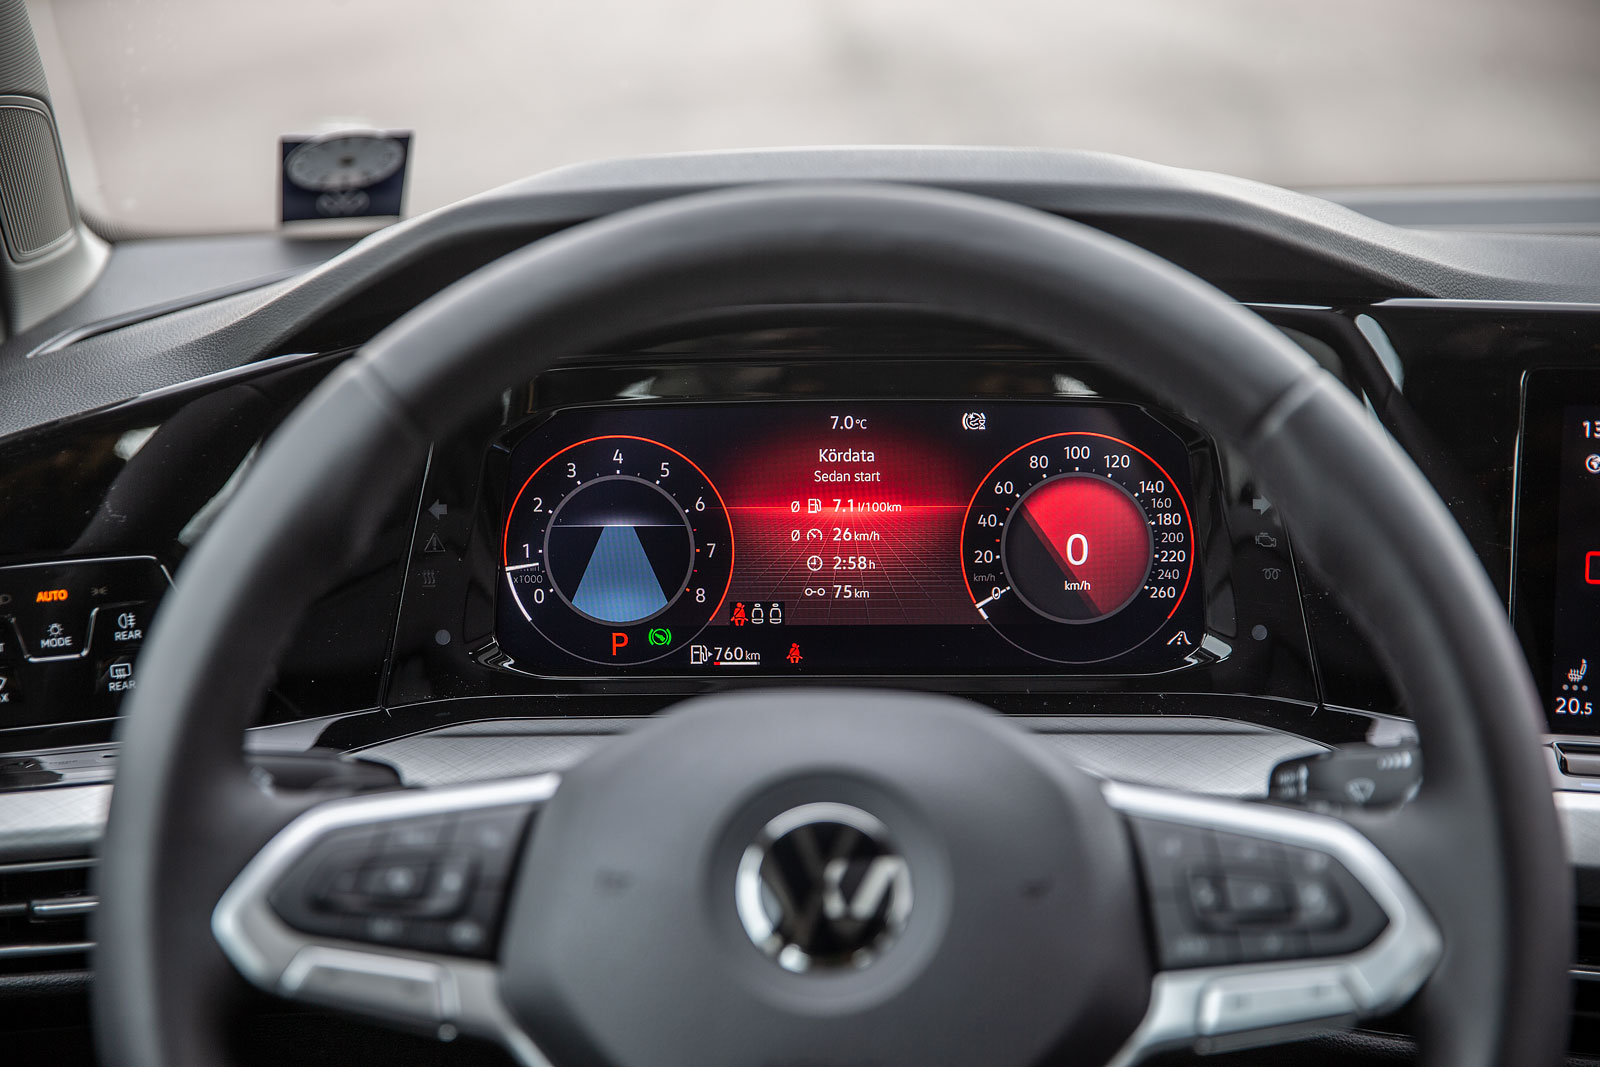 Volkswagen Golf har mycket mer avancerad digital teknik än föregångaren –vilket ställer till med problem i produktionen.